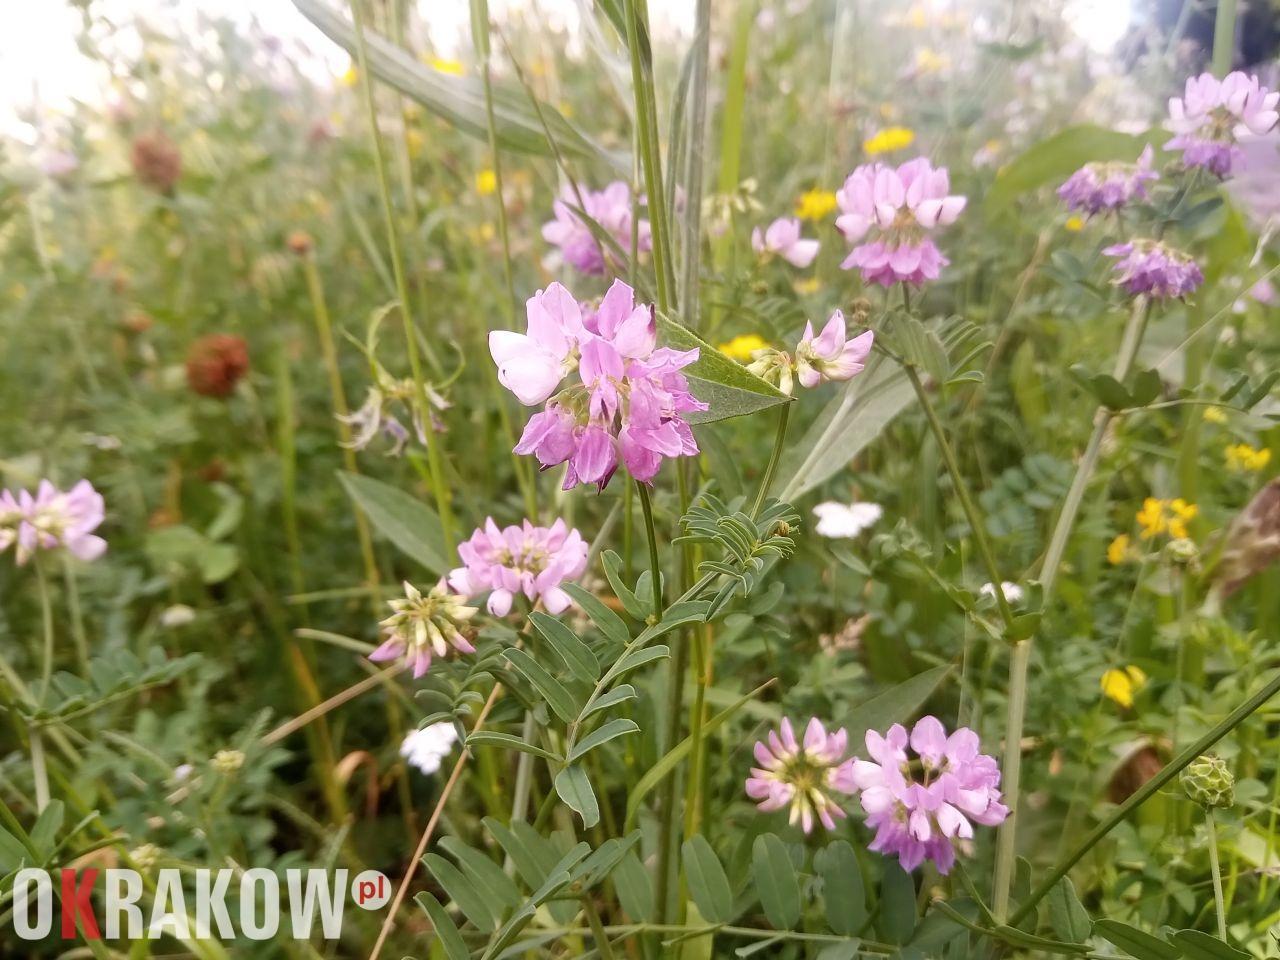 Rośliny, zwierzęta i my, czyli o krakowskich kwietnych łąkach